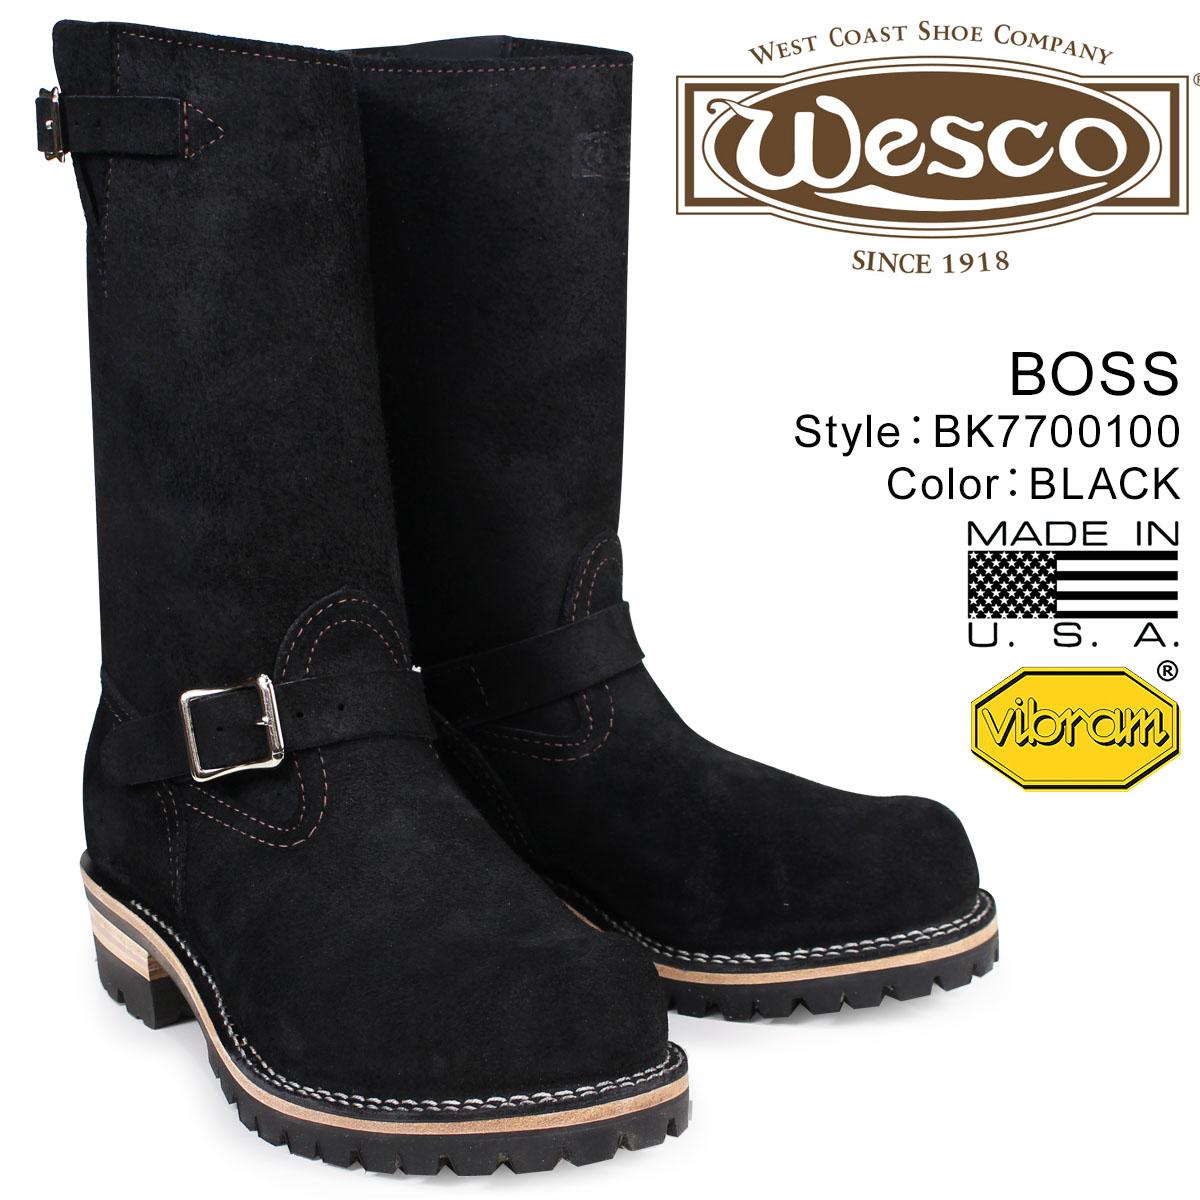 ウエスコ WESCO ボス ブーツ 11インチ エンジニア 11INCH BOSS Eワイズ スエード メンズ ブラック BK7700100 ウェスコ